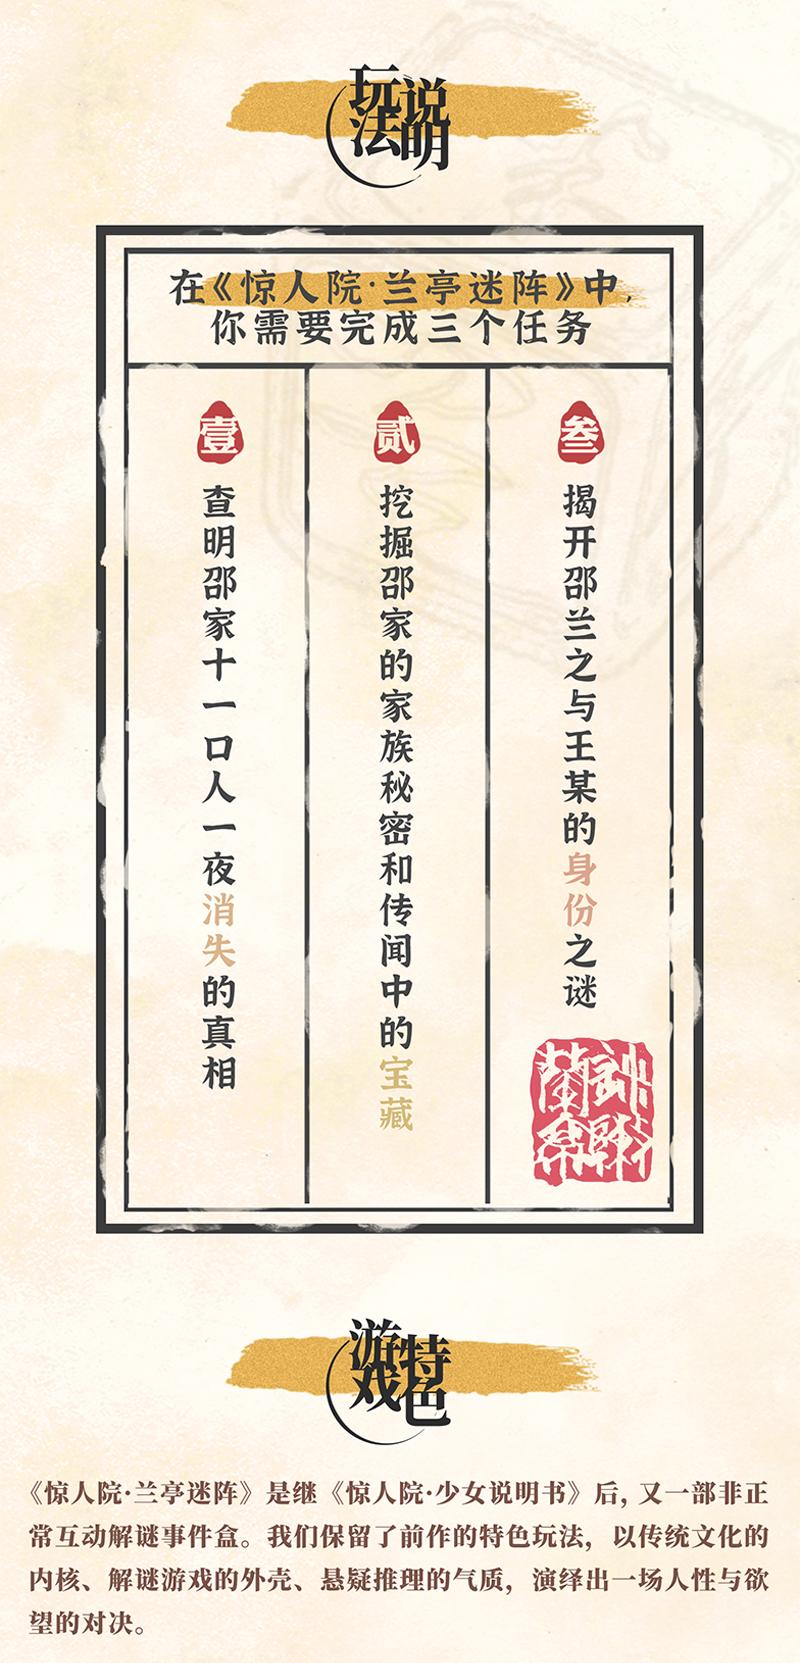 兰亭众筹0522-5.jpg